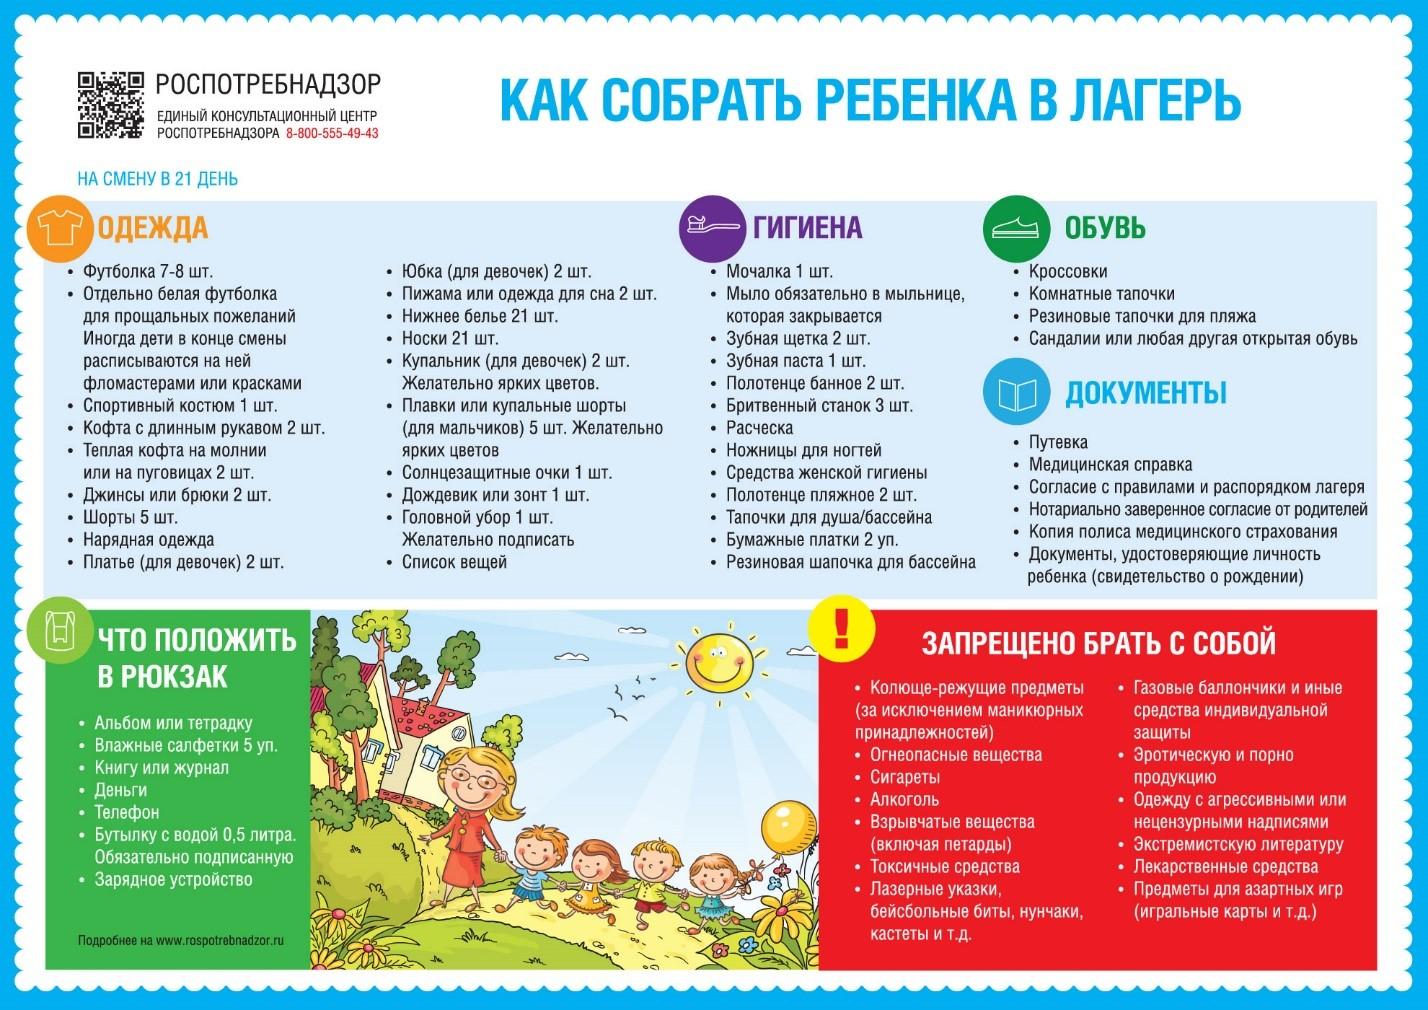 shgalomglpnilgpr - Перевозка детей в лагеря.